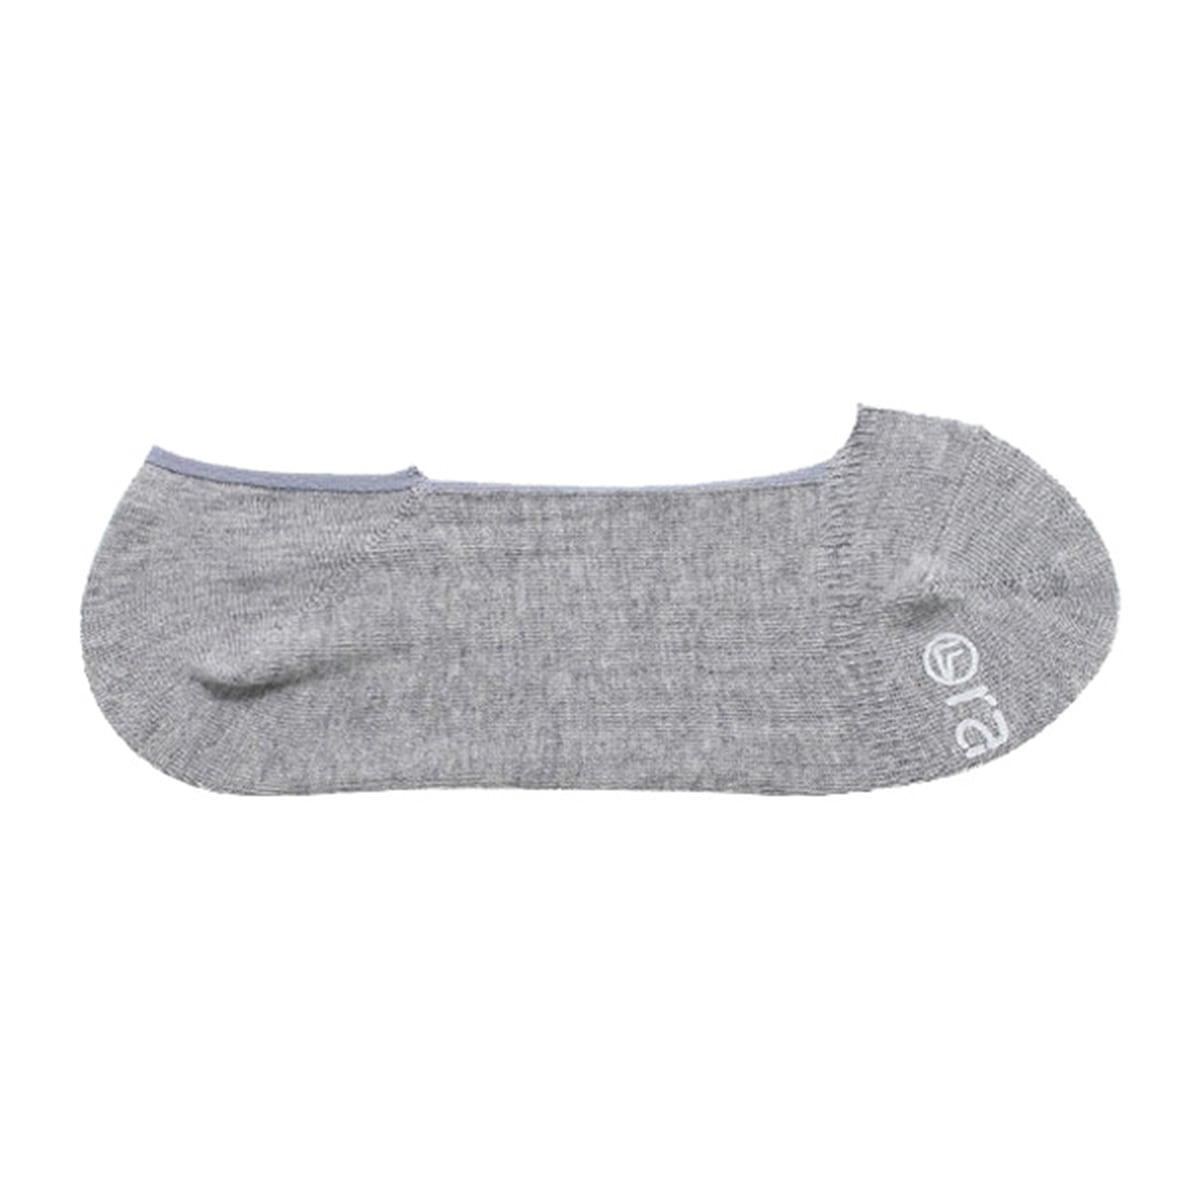 ラソックス rasox 靴下 ラソックス おすすめ ギフト 靴下 レディース 靴下 メンズ ブランド ソックス ユニセックス グレー杢 800